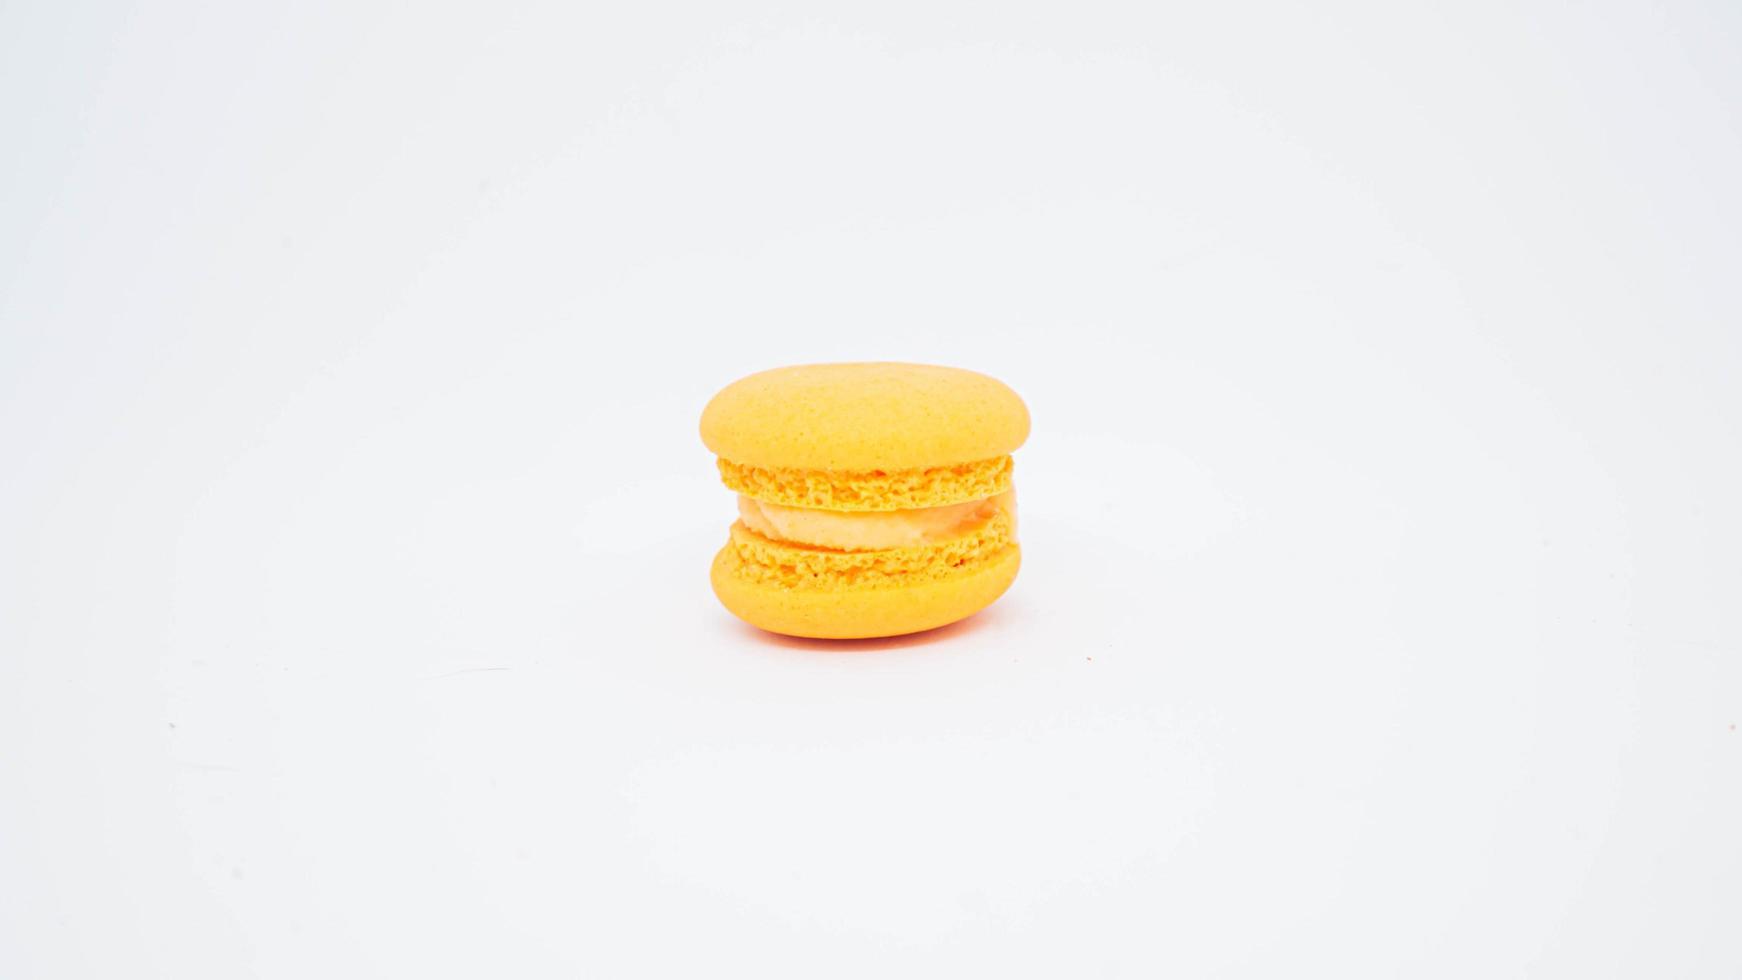 Macaron jaune à la crème isoler sur fond blanc photo